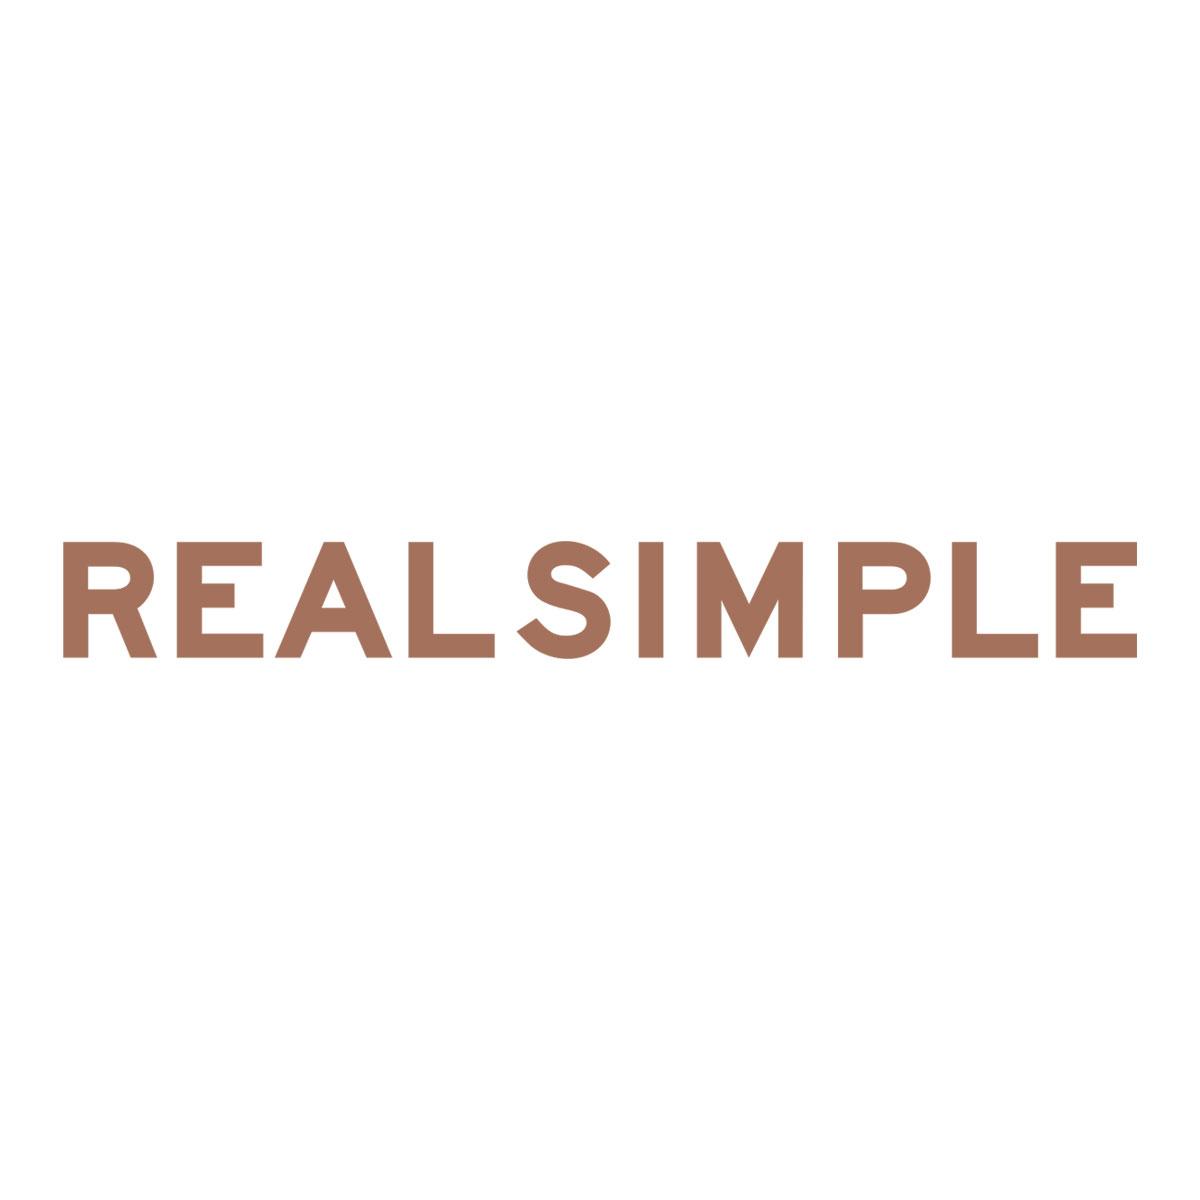 realsimple.jpg